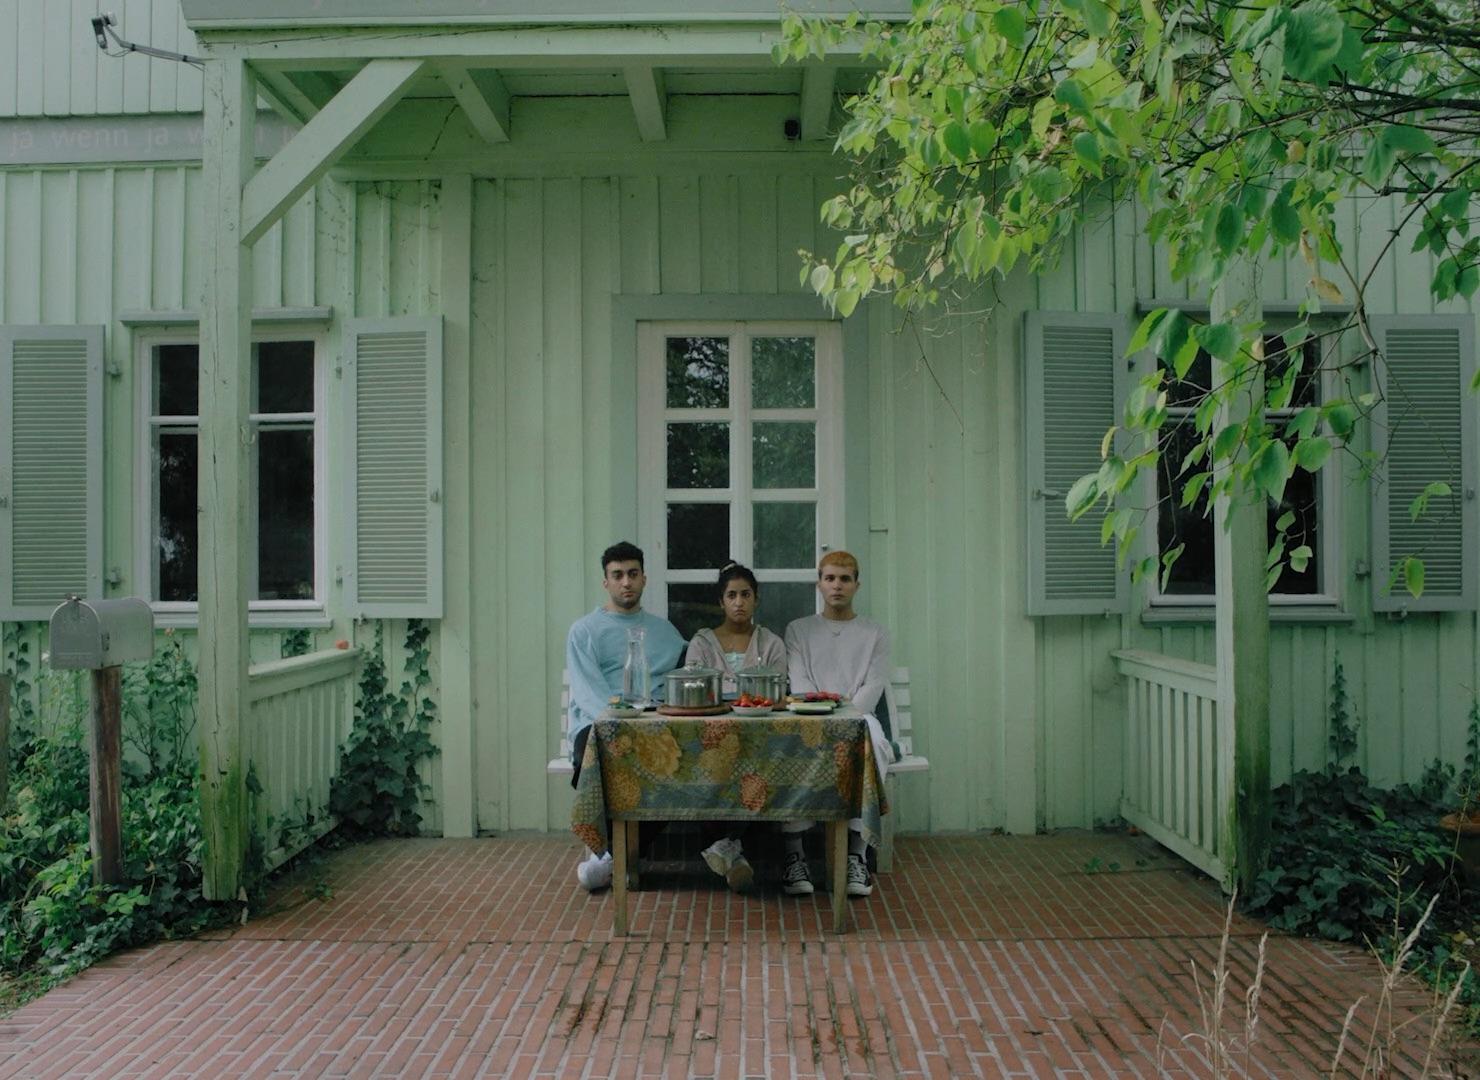 Cena do filme Sem Ressentimentos. Ao fundo, vemos uma casa de madeira verde. Próximos da parede estão sentadas três pessoas pardas, um homem, uma mulher, e outro homem. À frente deles está uma mesa, com panelas em cima. O chão é de tijolinhos.